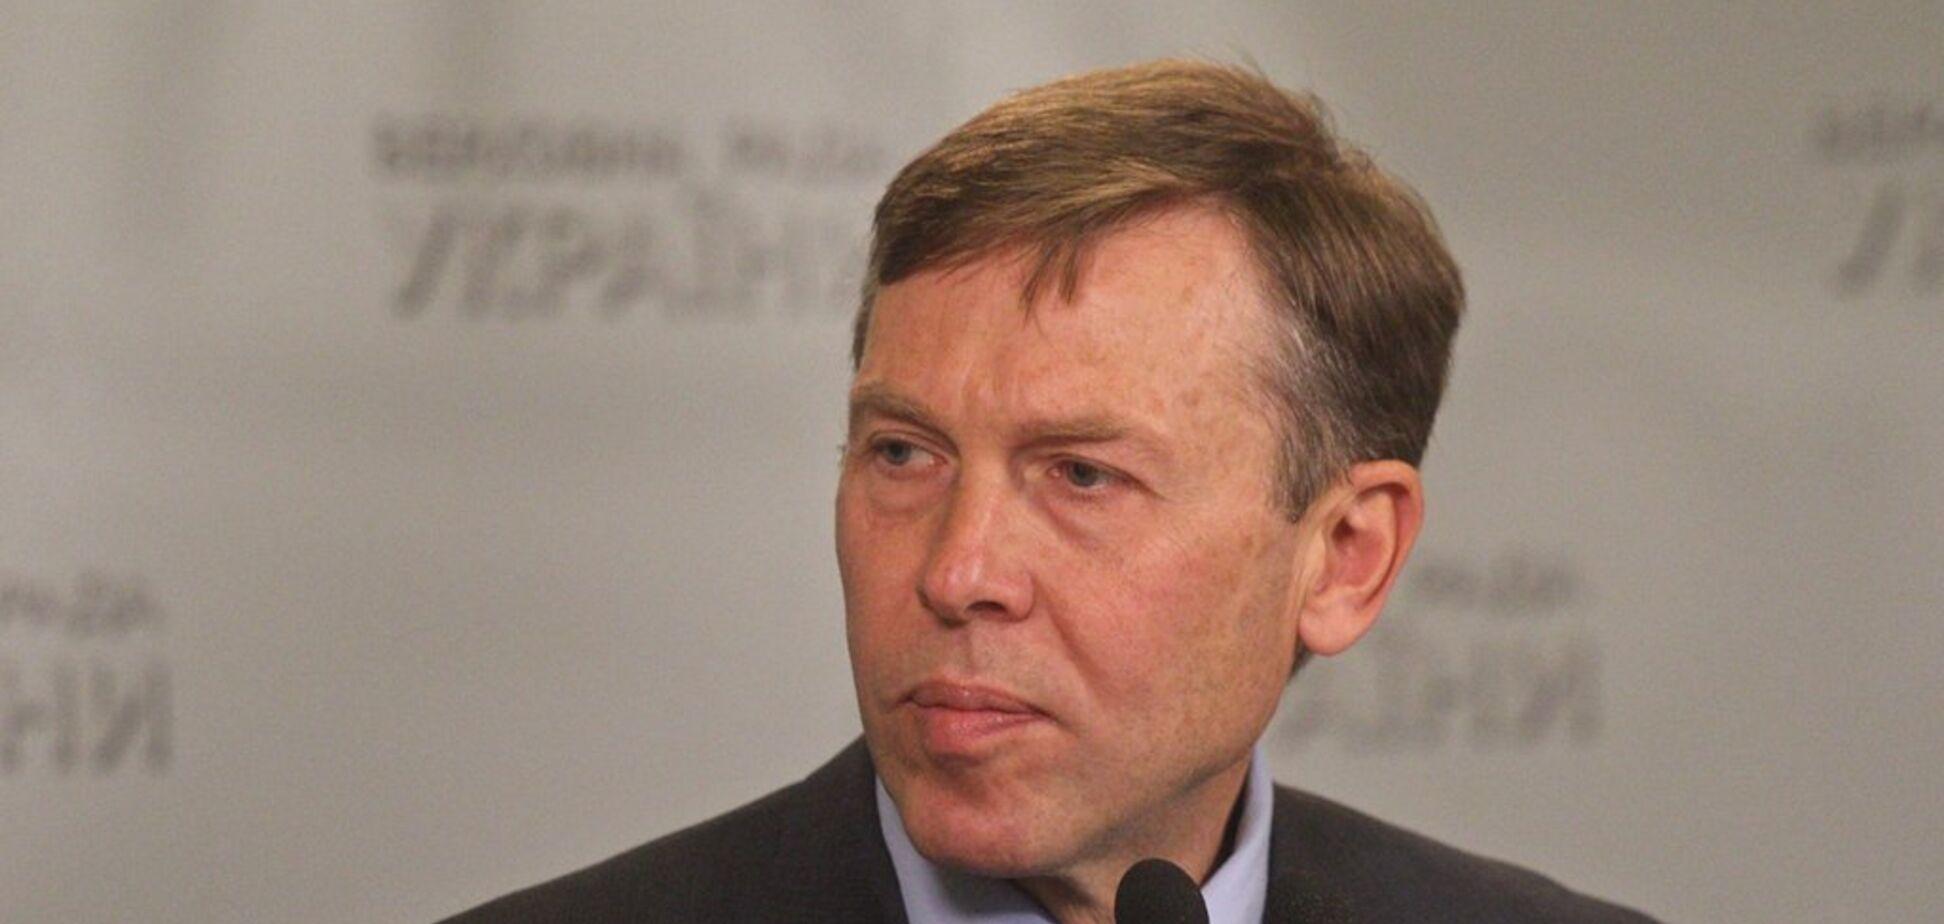 Соболев: на фоне повышения тарифов власть ''позволяет'' выводить украинский газ за границу